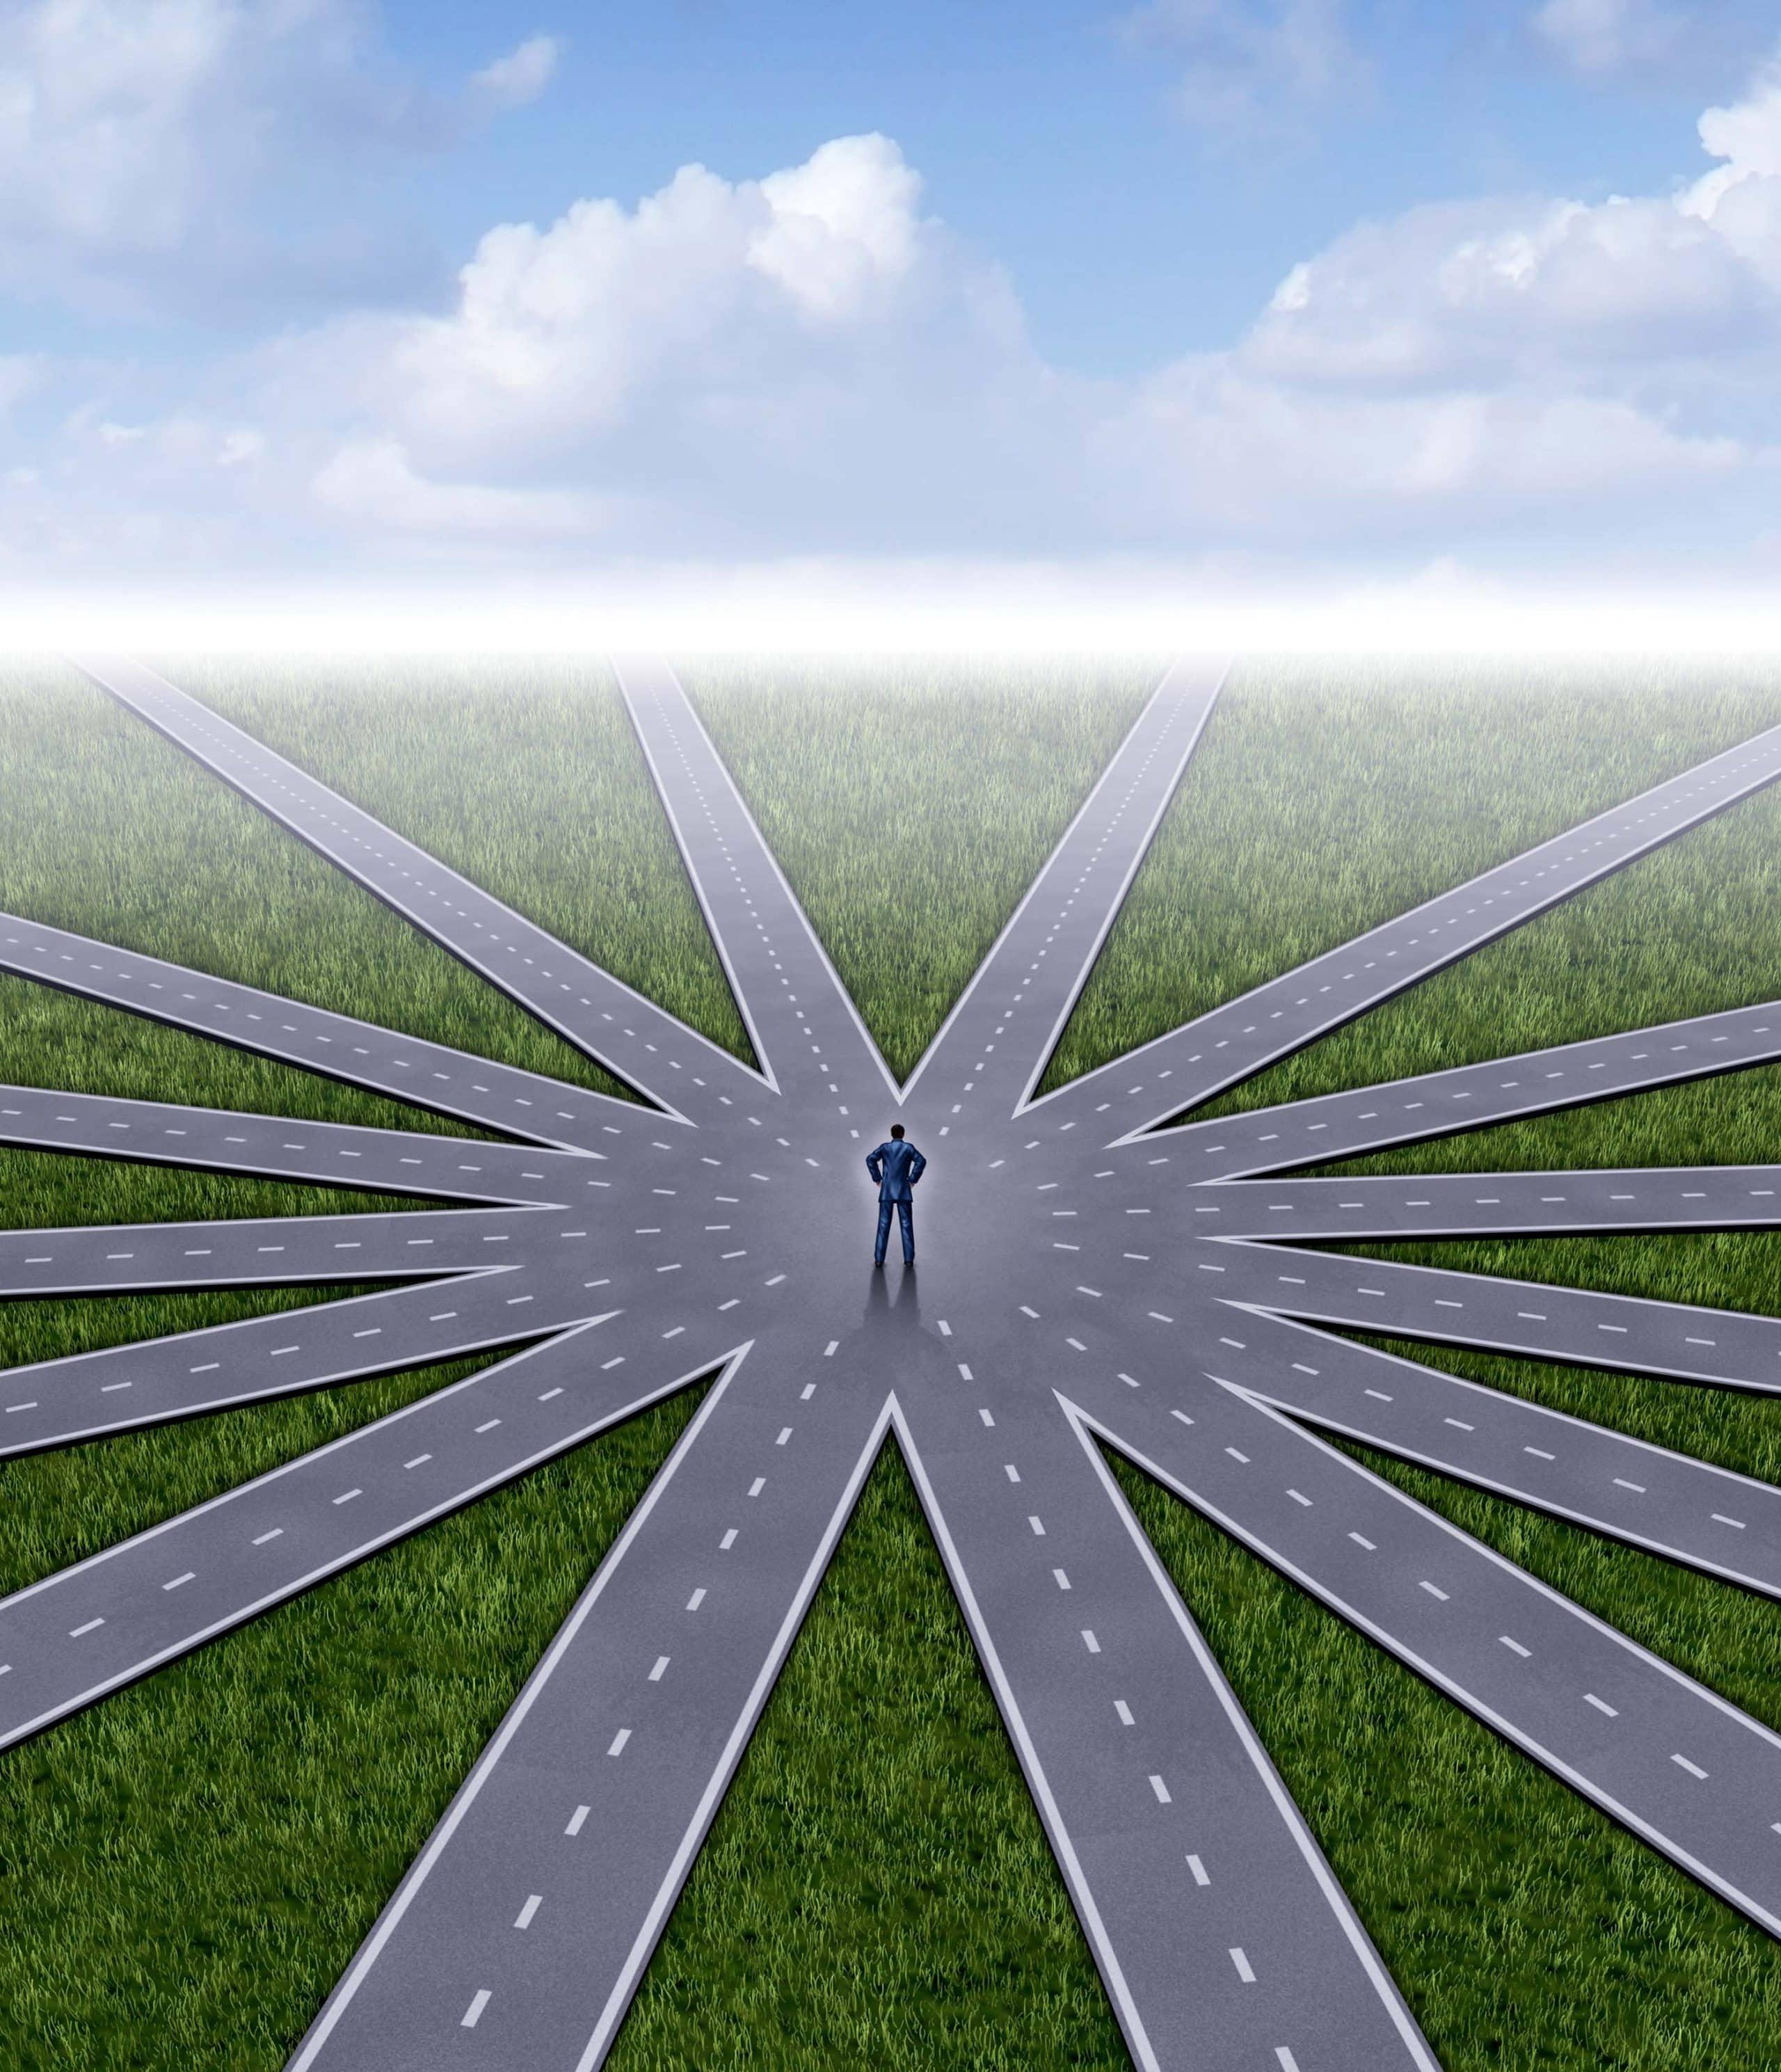 cambiare strada. cambiare percorso. fare scelte nuove. cercare nuove strade